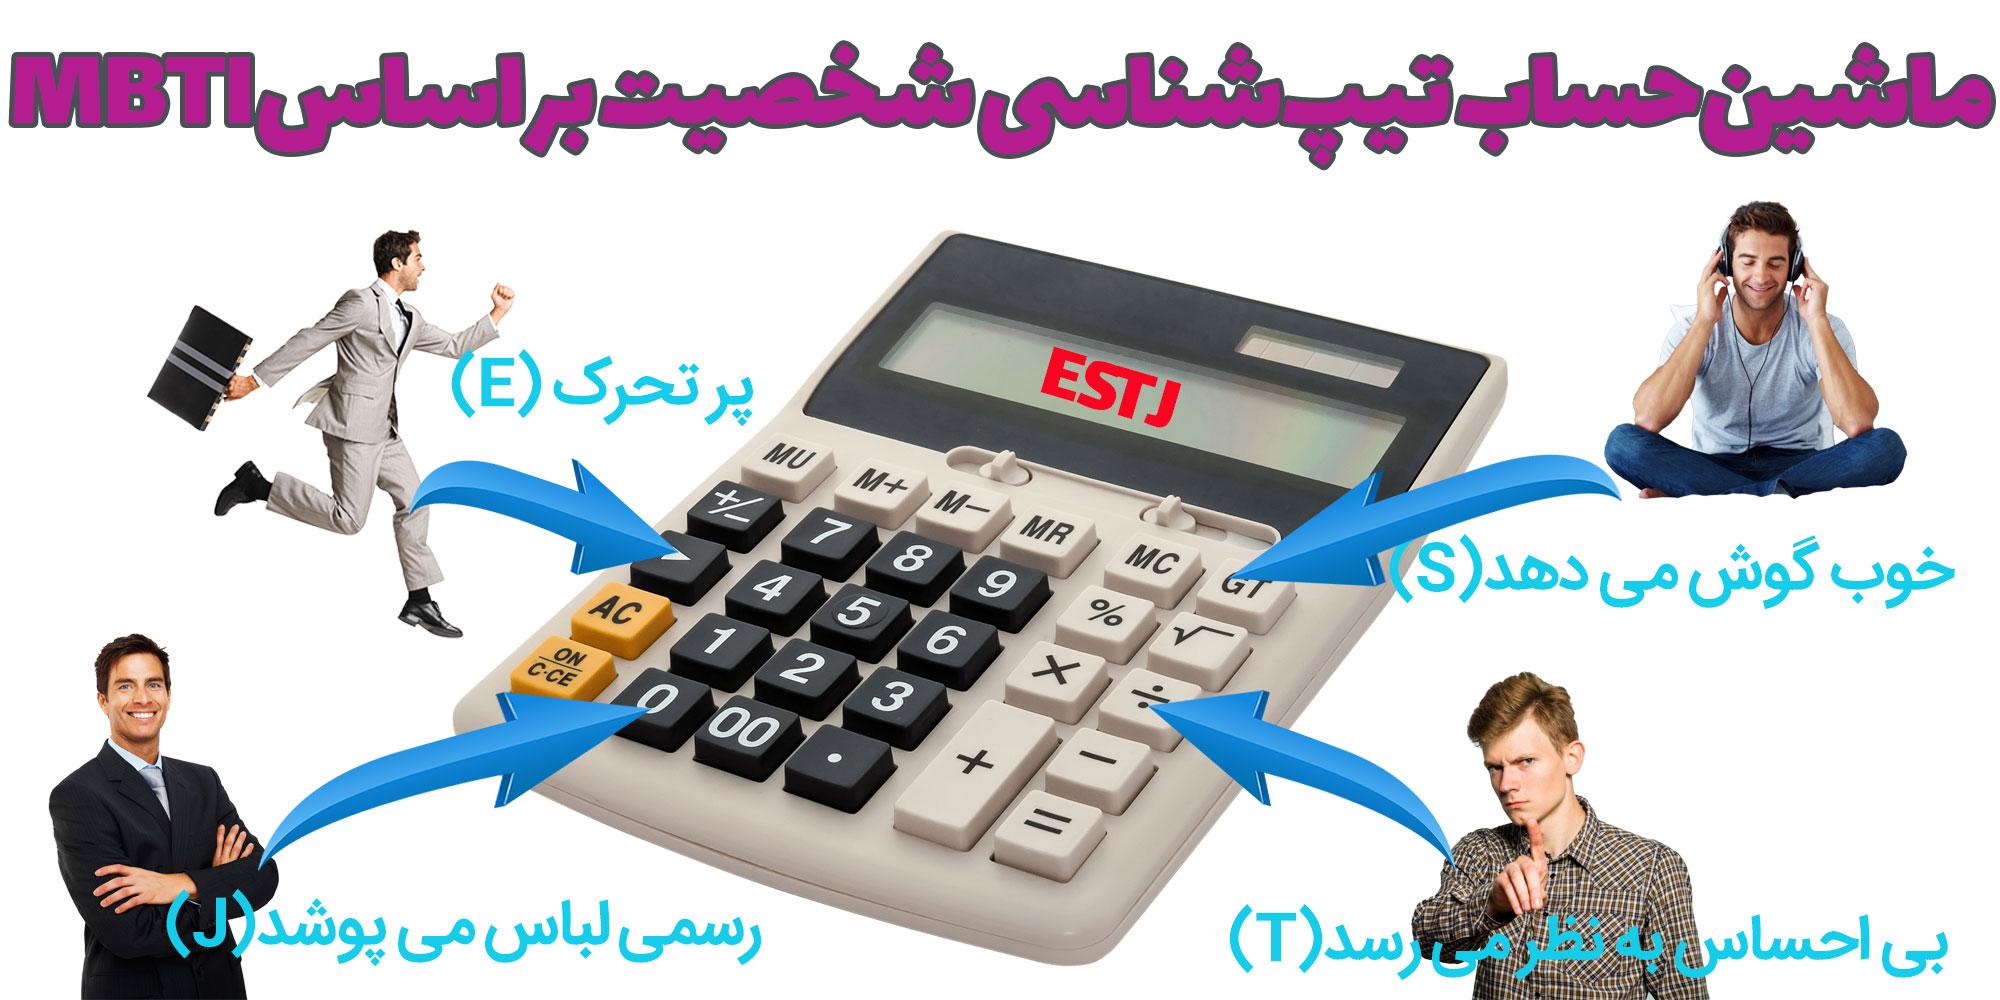 کارخانه تولید مشتری - مشتری یابی - بازاریابی - فروش - بیمه --ماشینحساب تیپشناسی شخصیت بر اساس MBTIMBTI